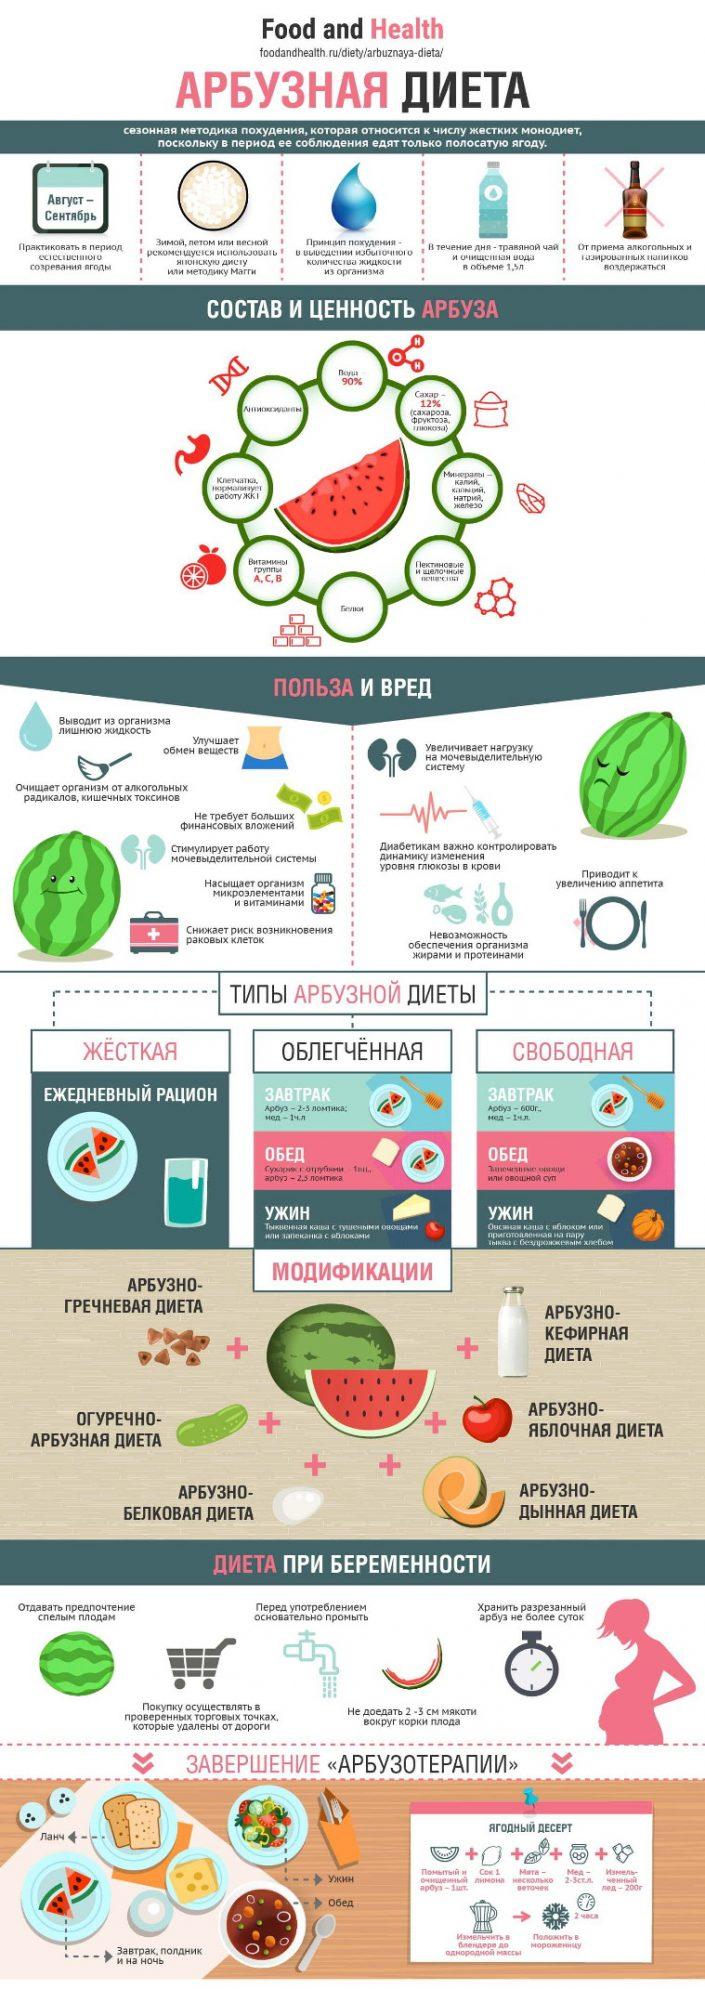 Диета Для Похудения На Арбузе. Арбузная диета для похудения